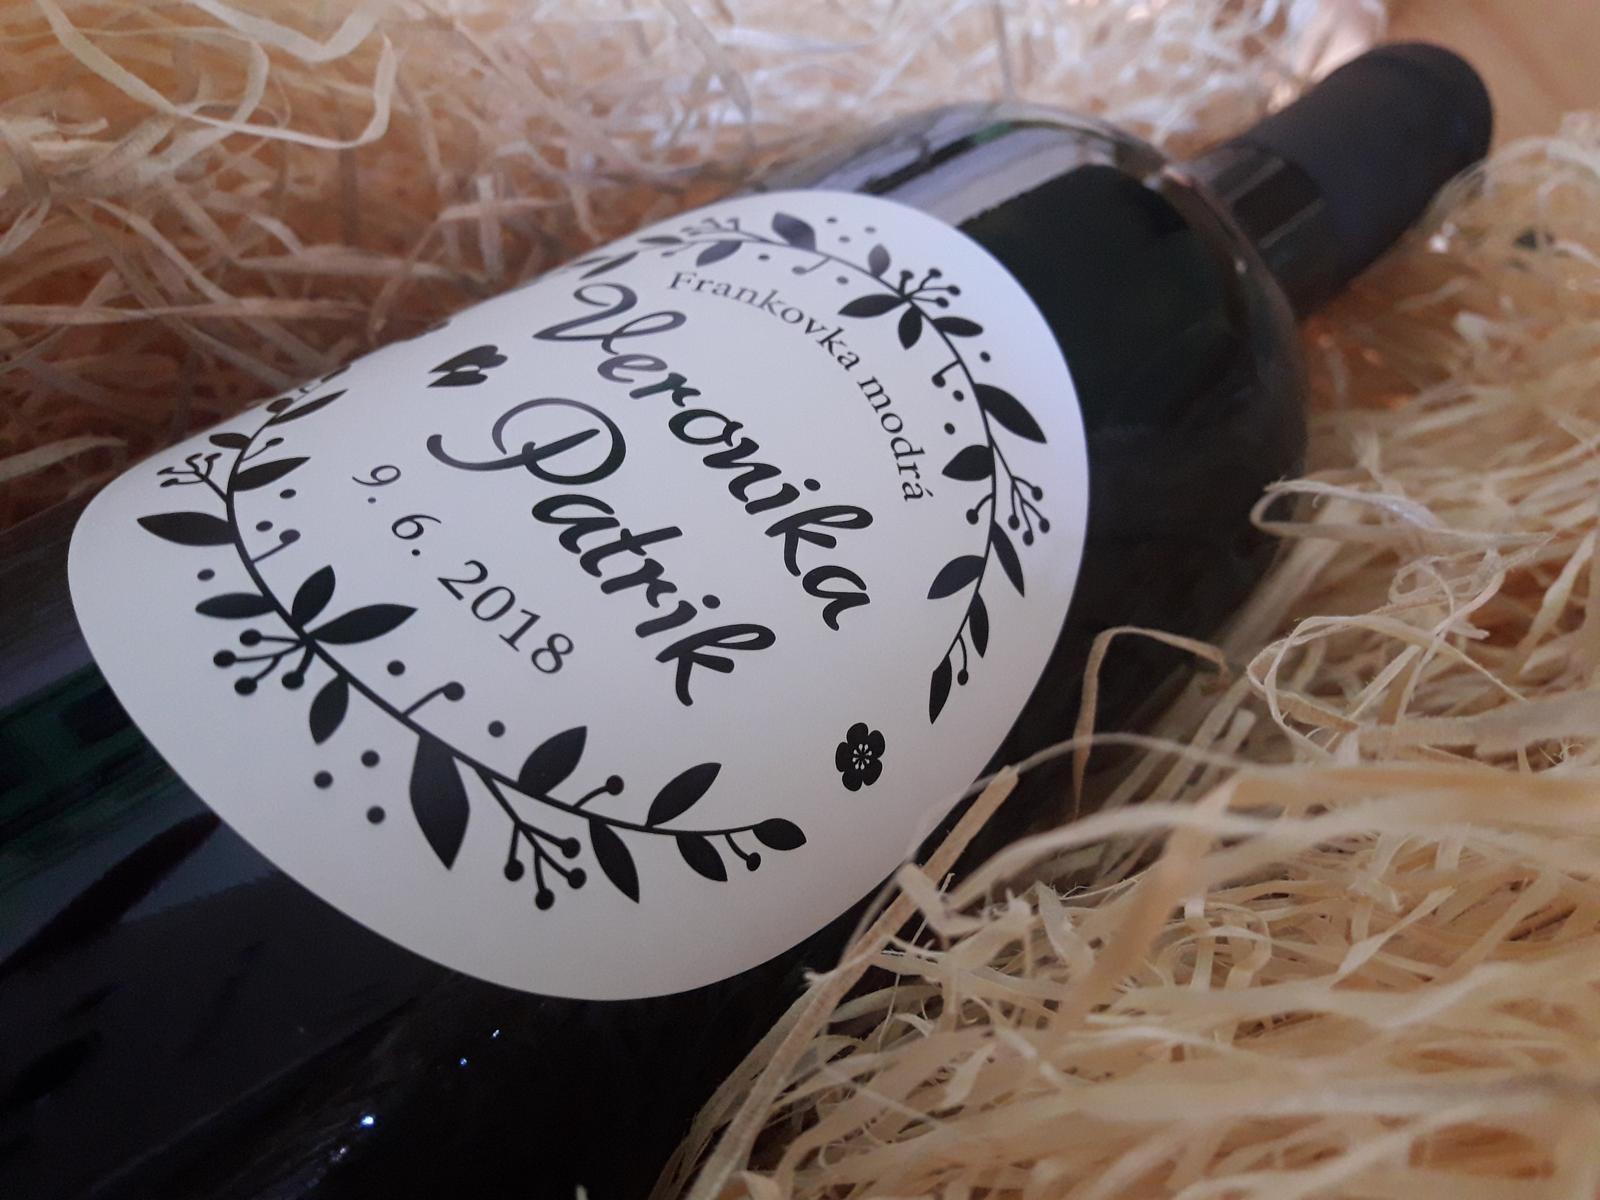 vinomaravilla - Svadobné víno s kruhovou etiketou. Krásne